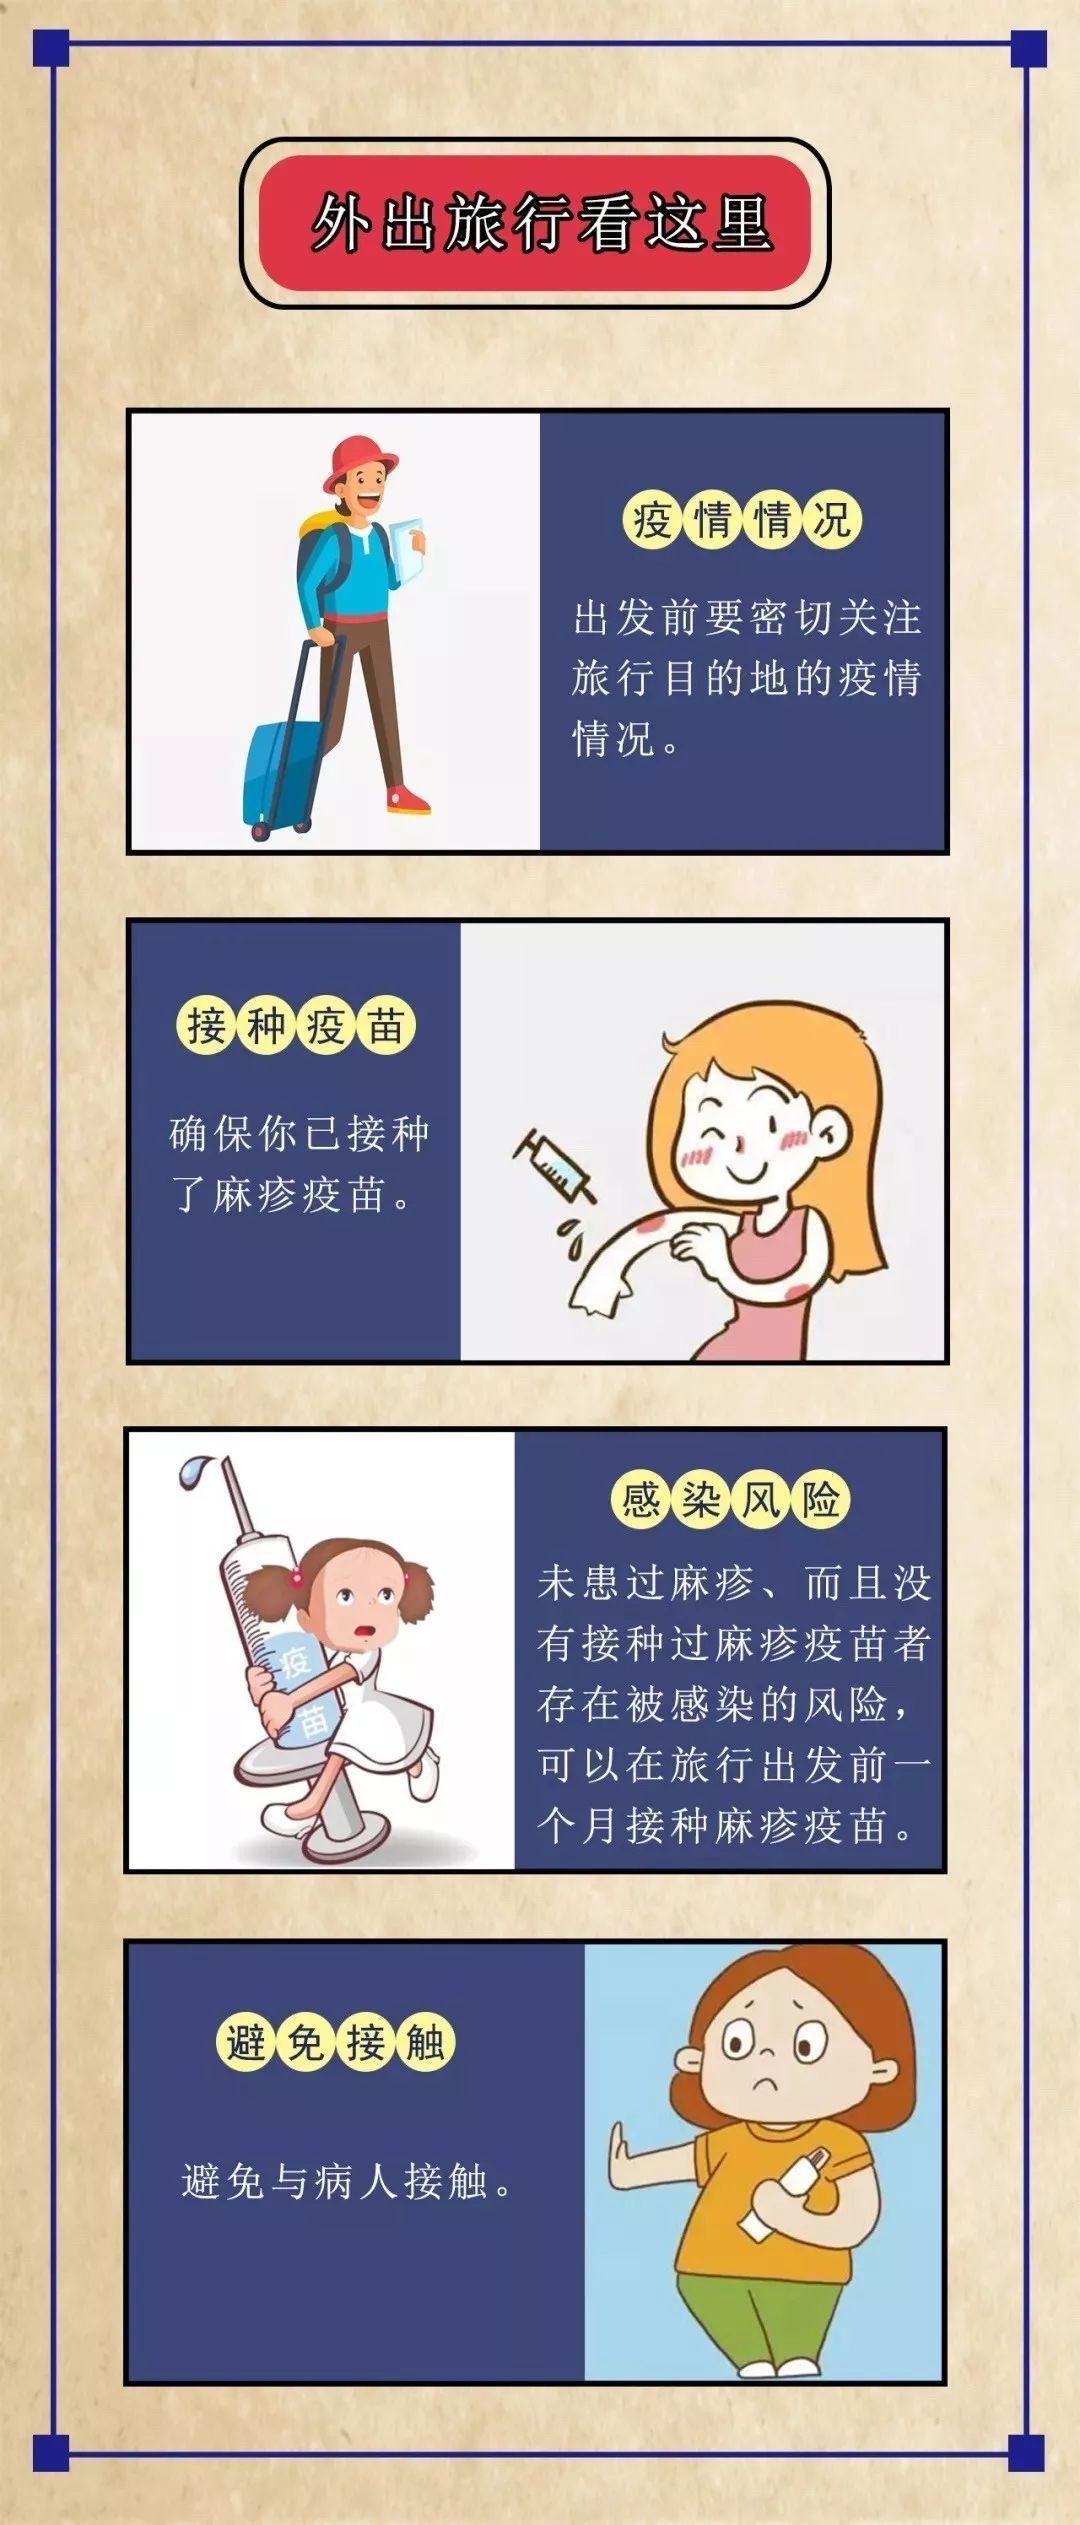 一图读懂丨重点人群如何预防麻疹